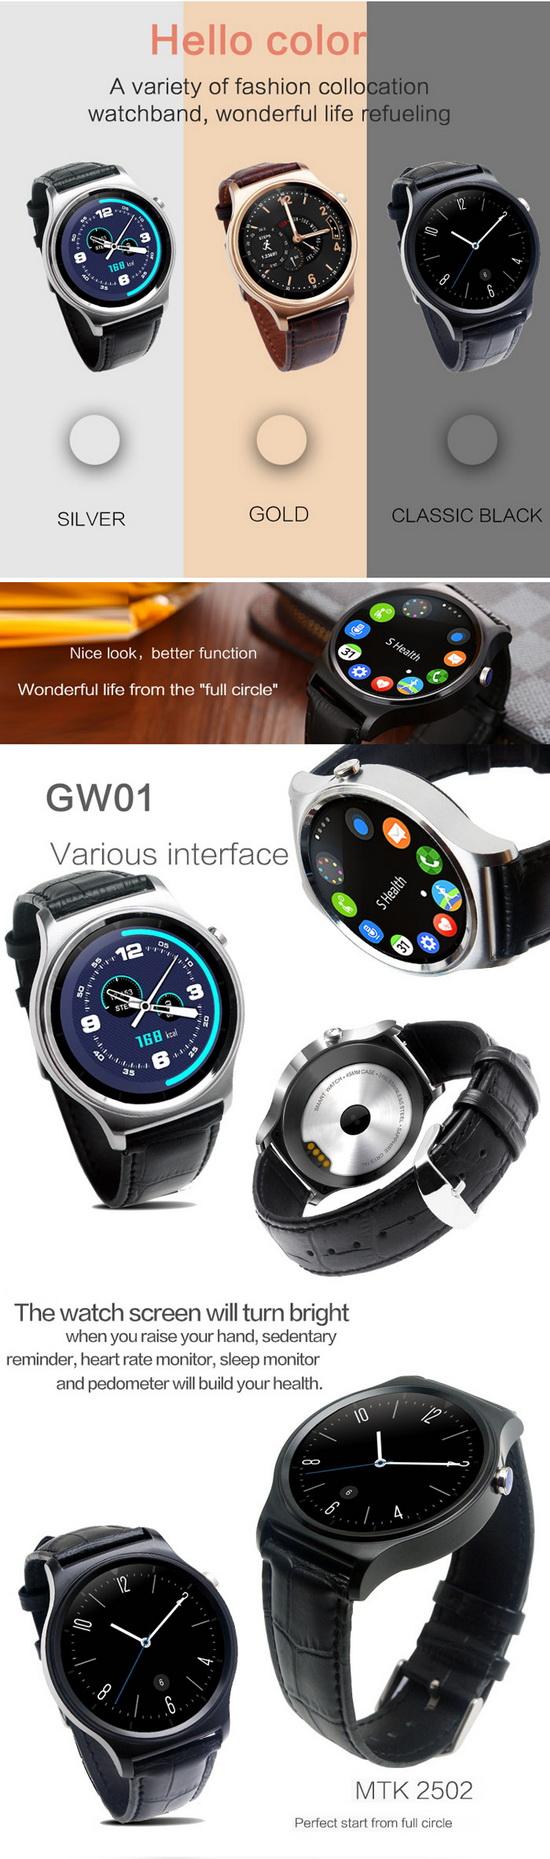 Ulefone GW01